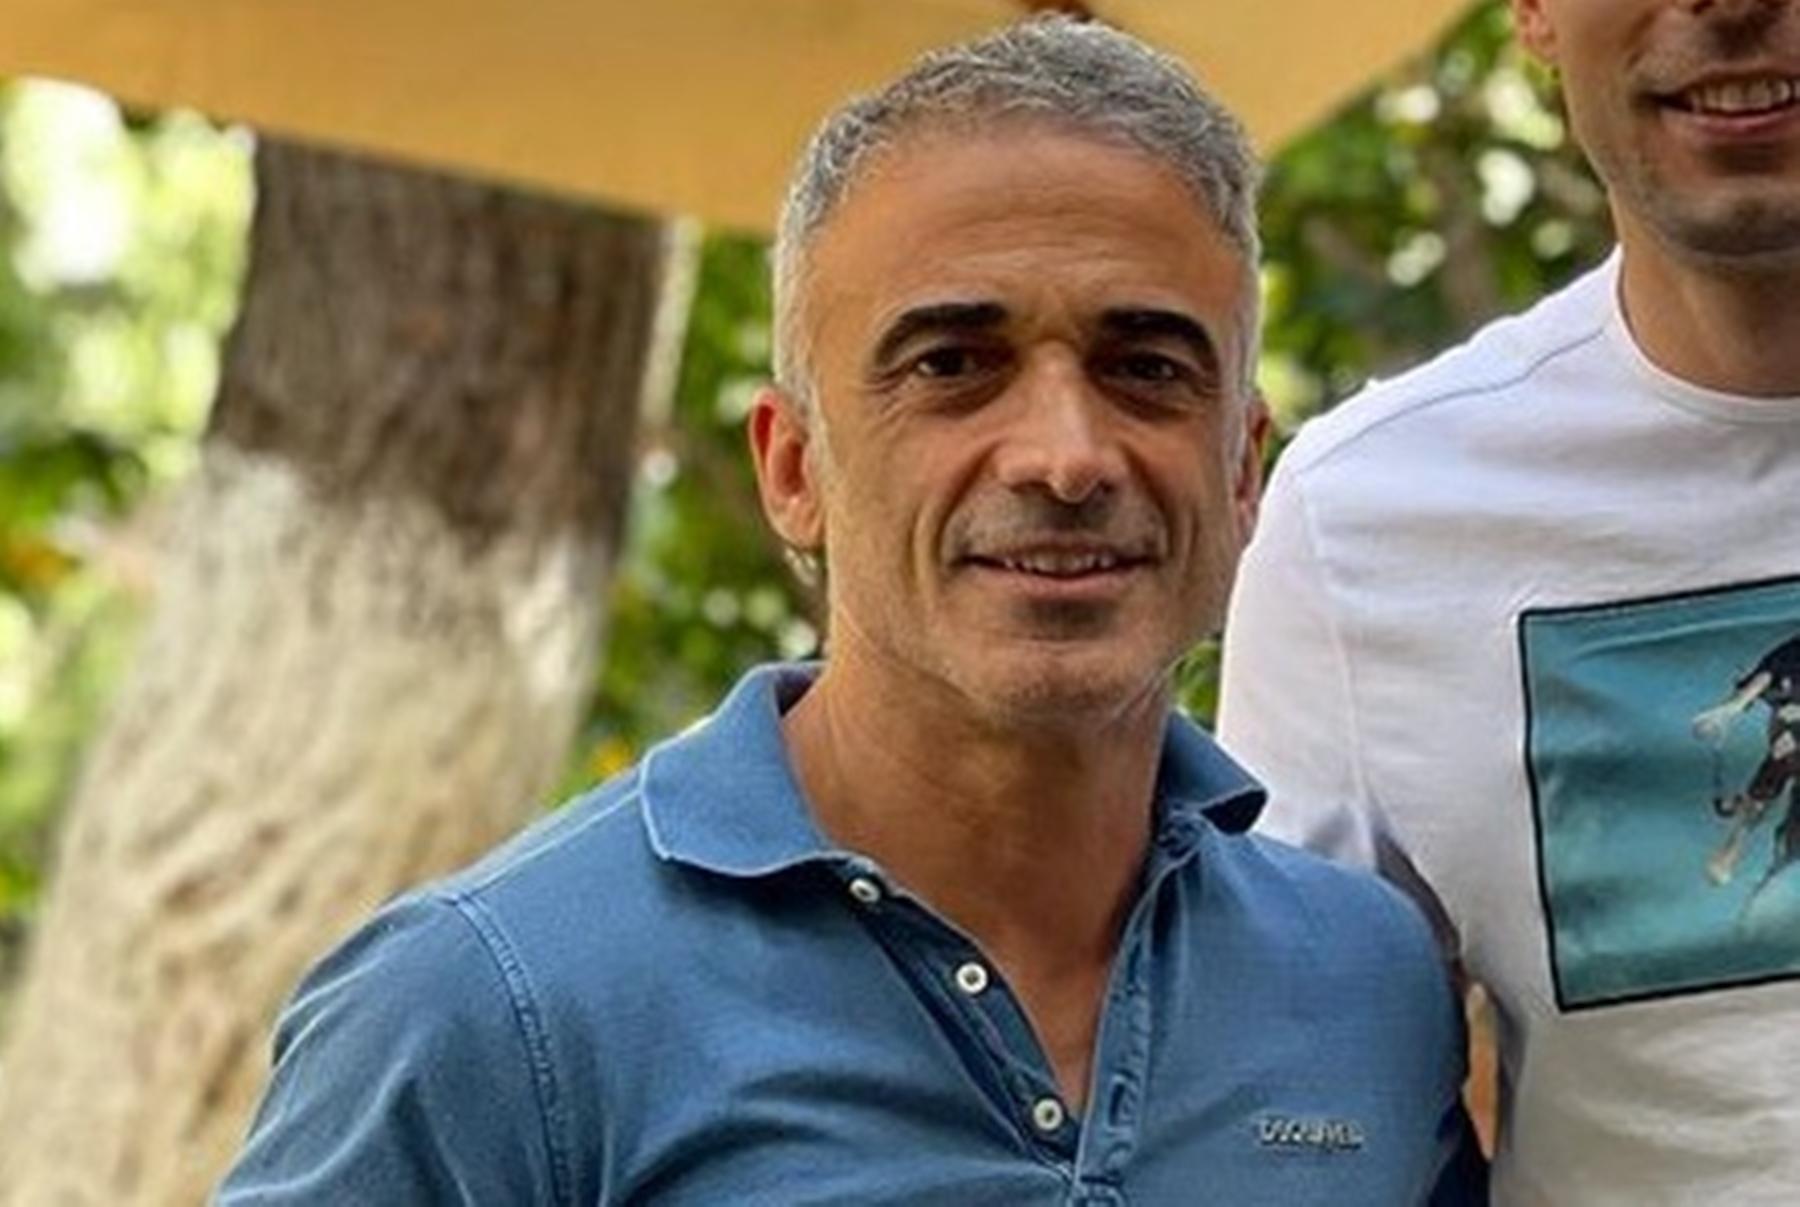 Σταύρος Δογιάκης: Αυτό είναι το πόρισμα του ιατροδικαστή για τo θάνατό του